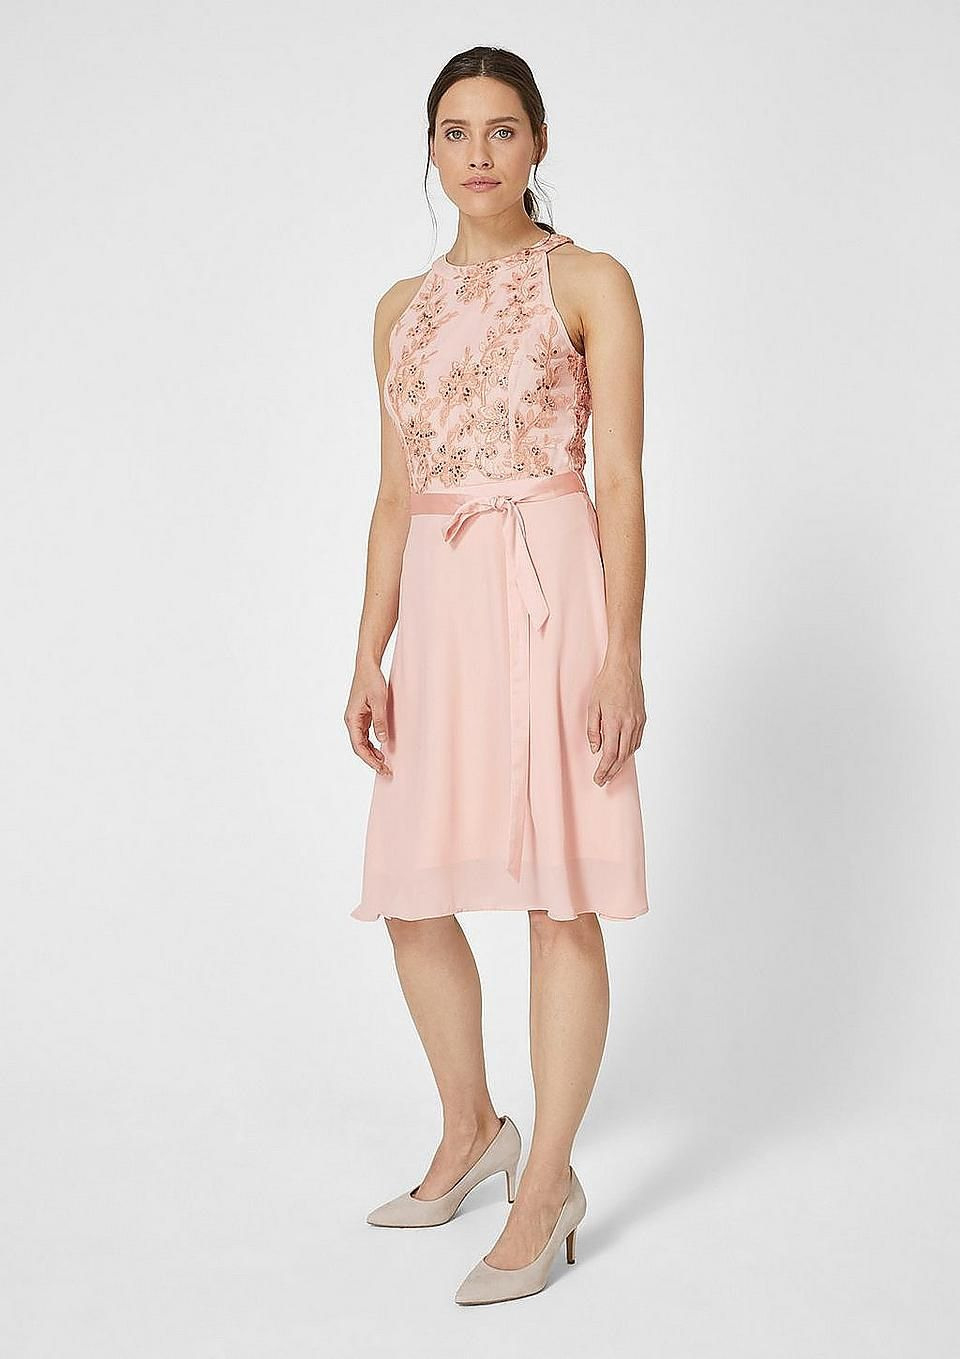 Kleider Für Hochzeit S Oliver - Abendkleid